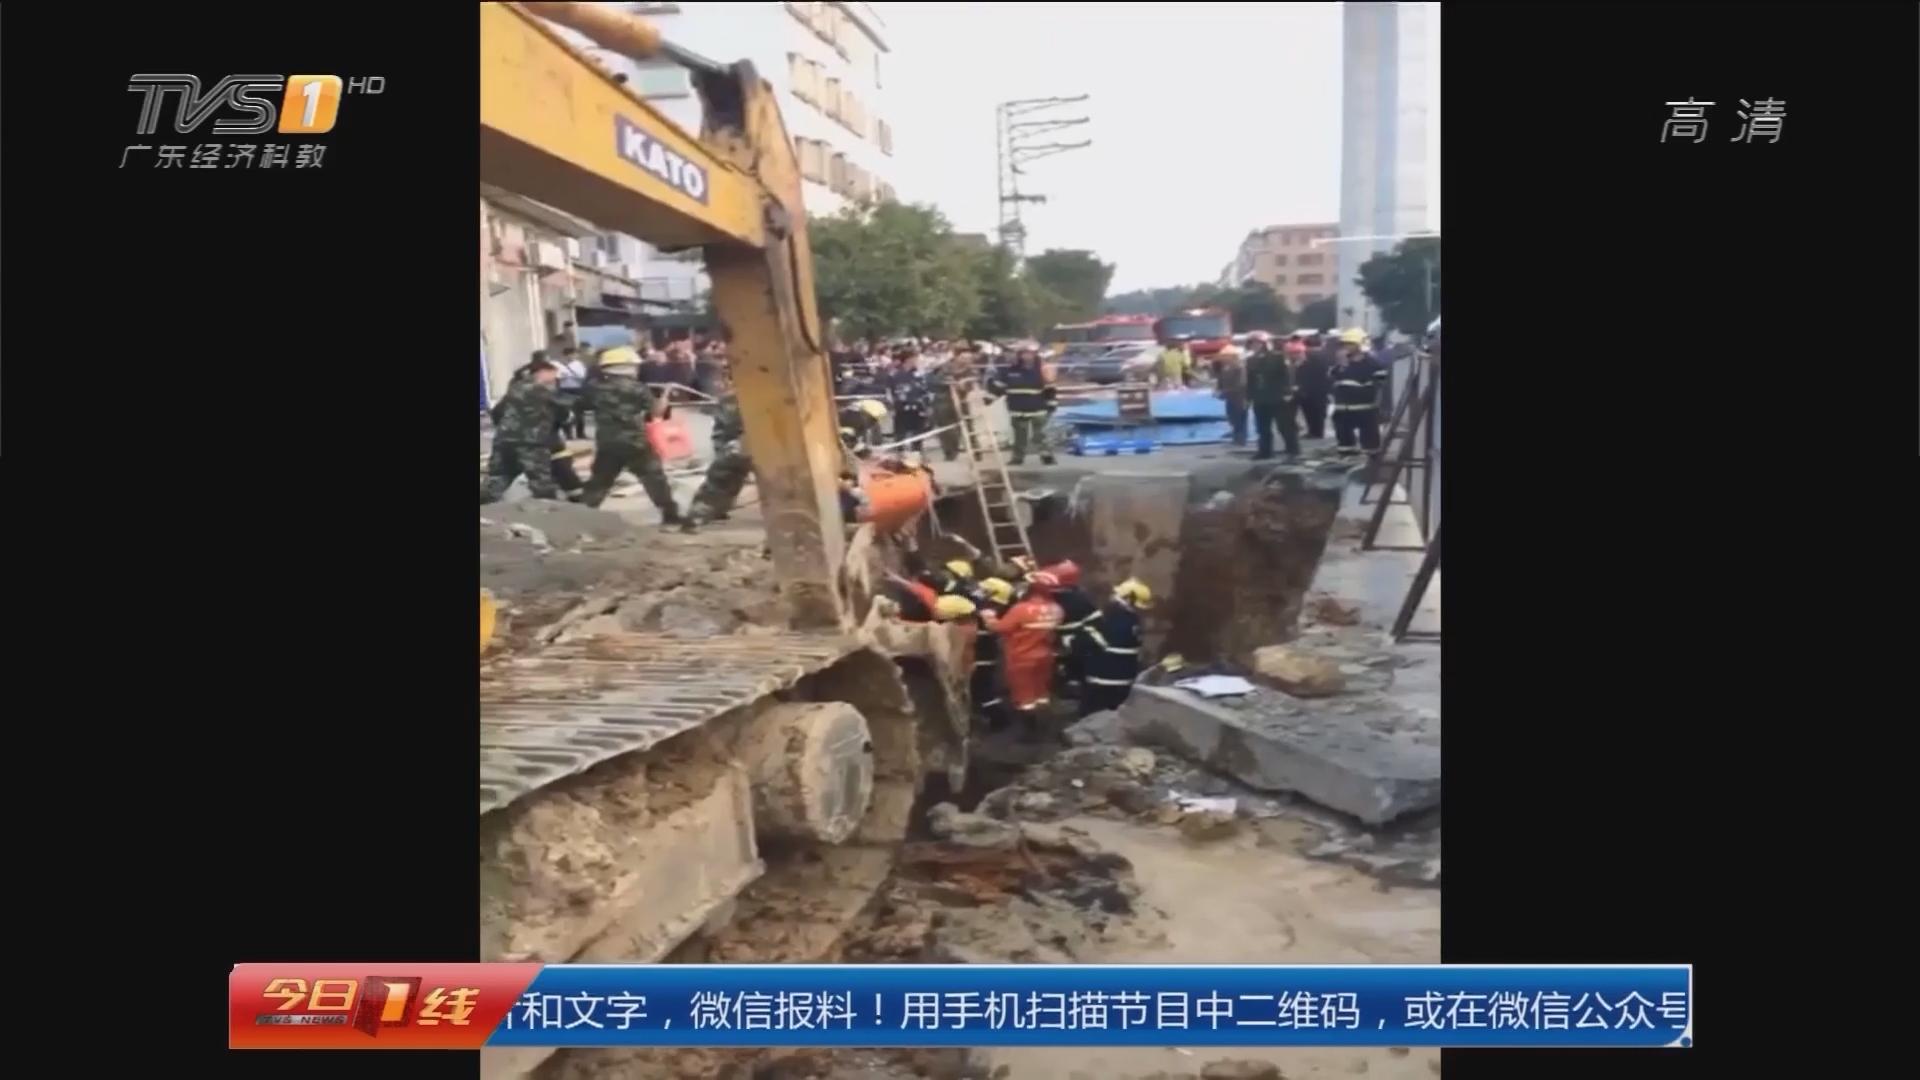 今夜最新:东莞 地面塌陷现大洞 疑致1死1伤